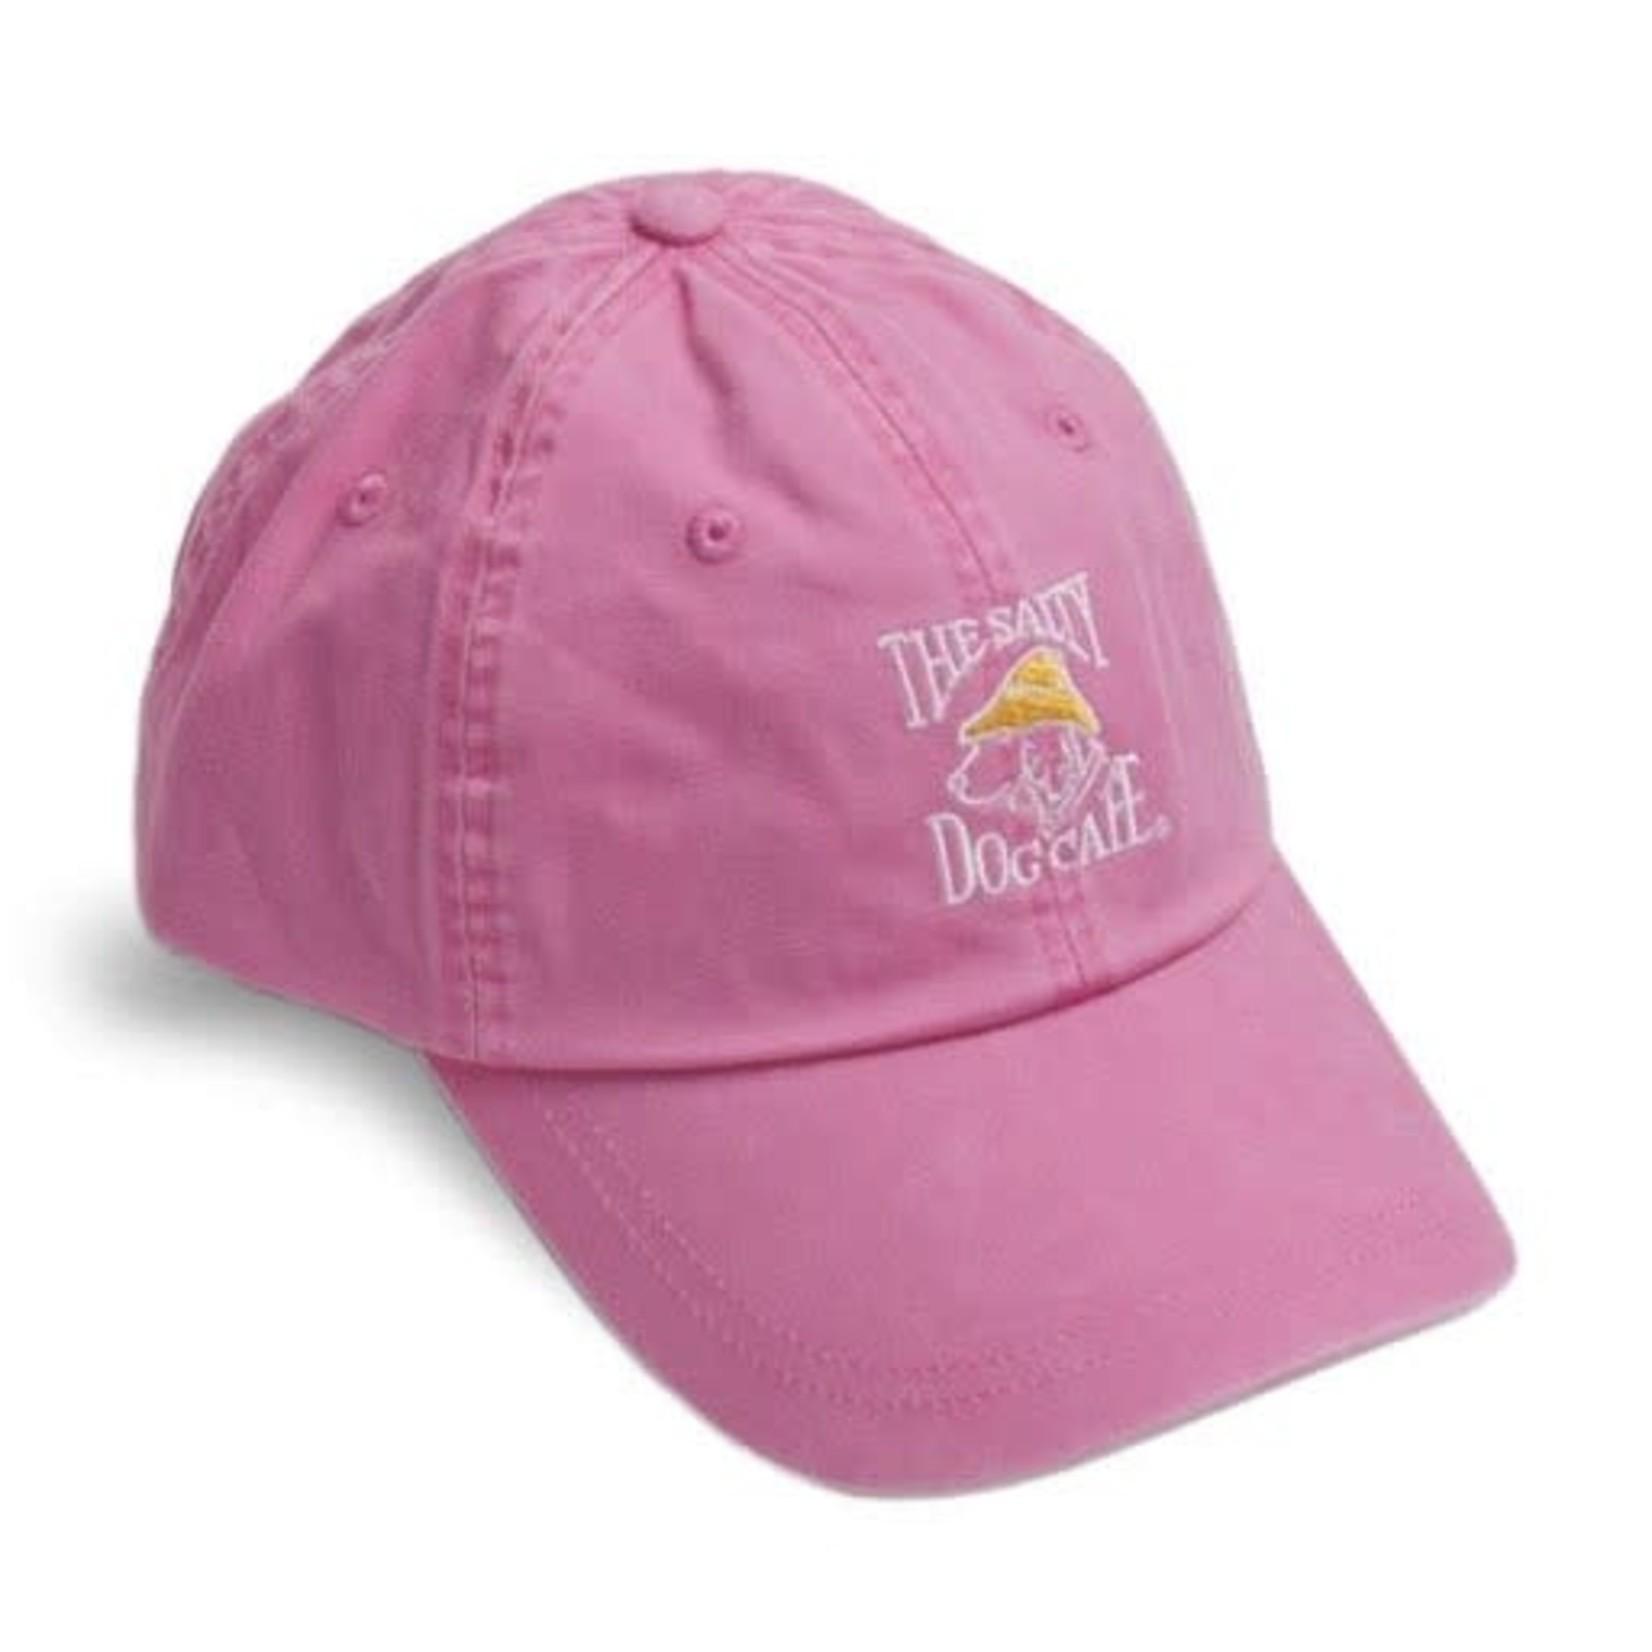 Hat - Women's Fit - Bubblegum - Adult